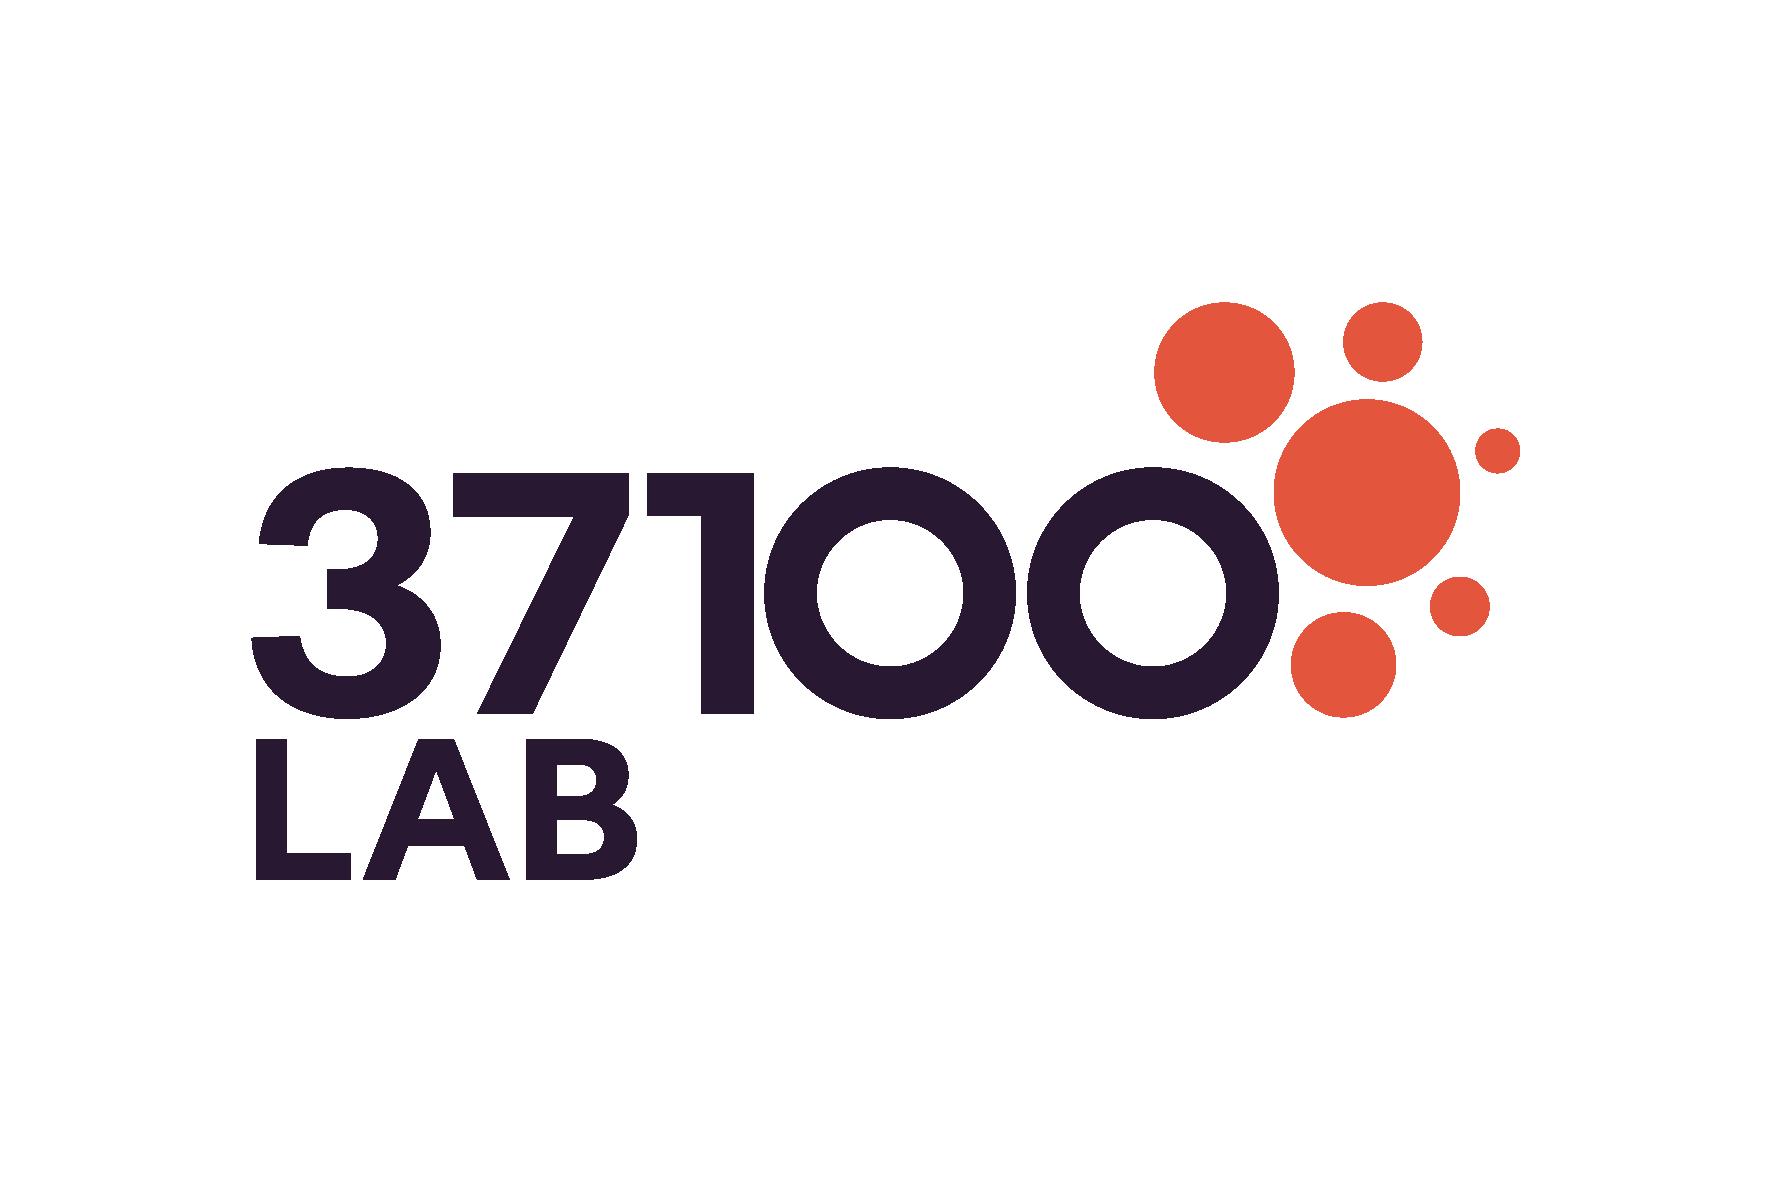 37100Lab